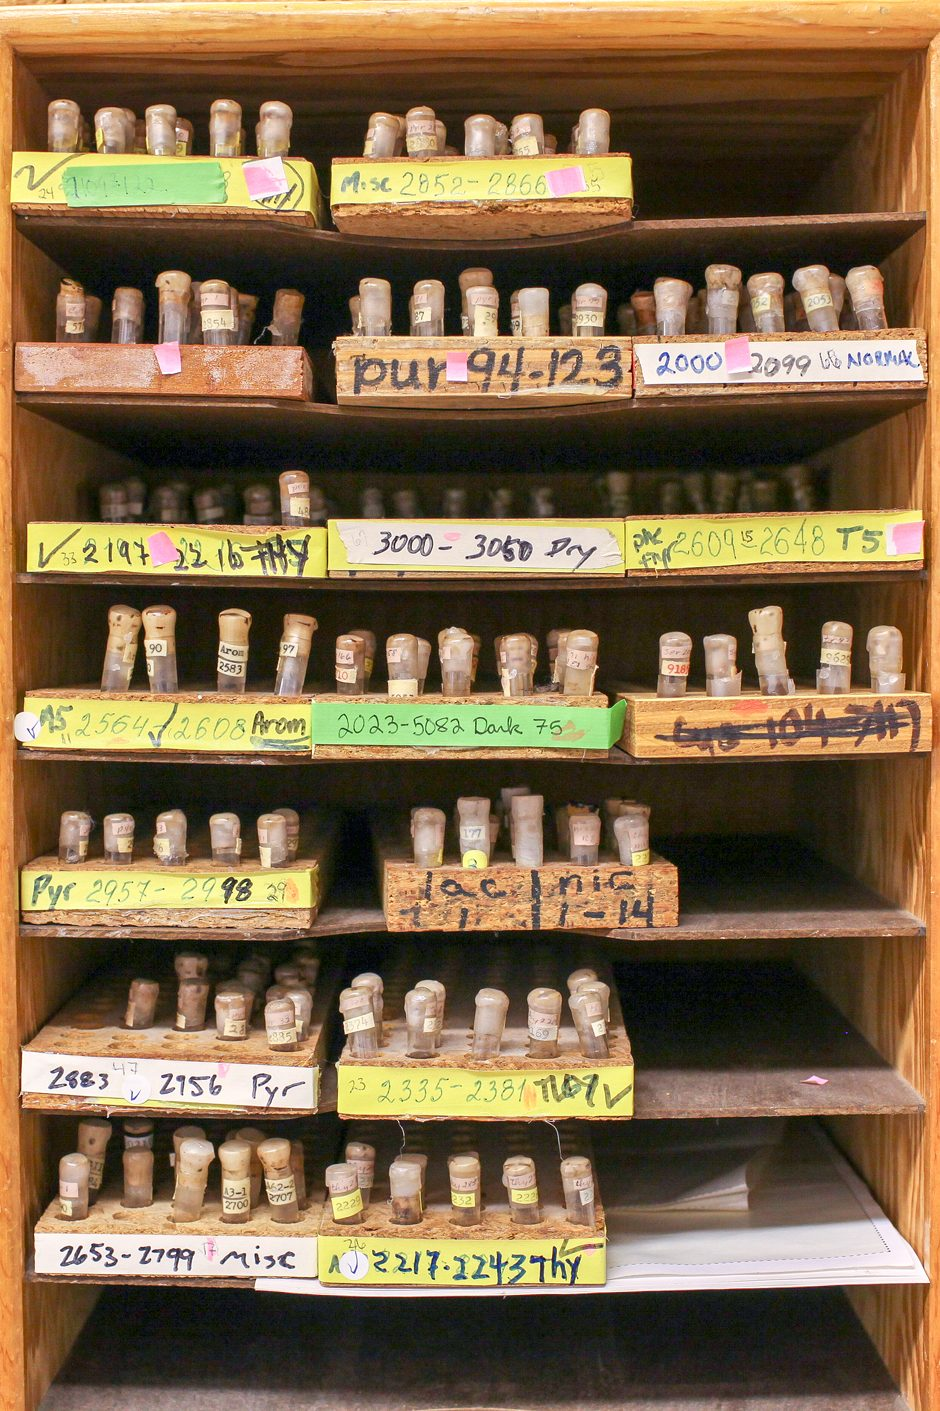 Closet full of bacteria vials